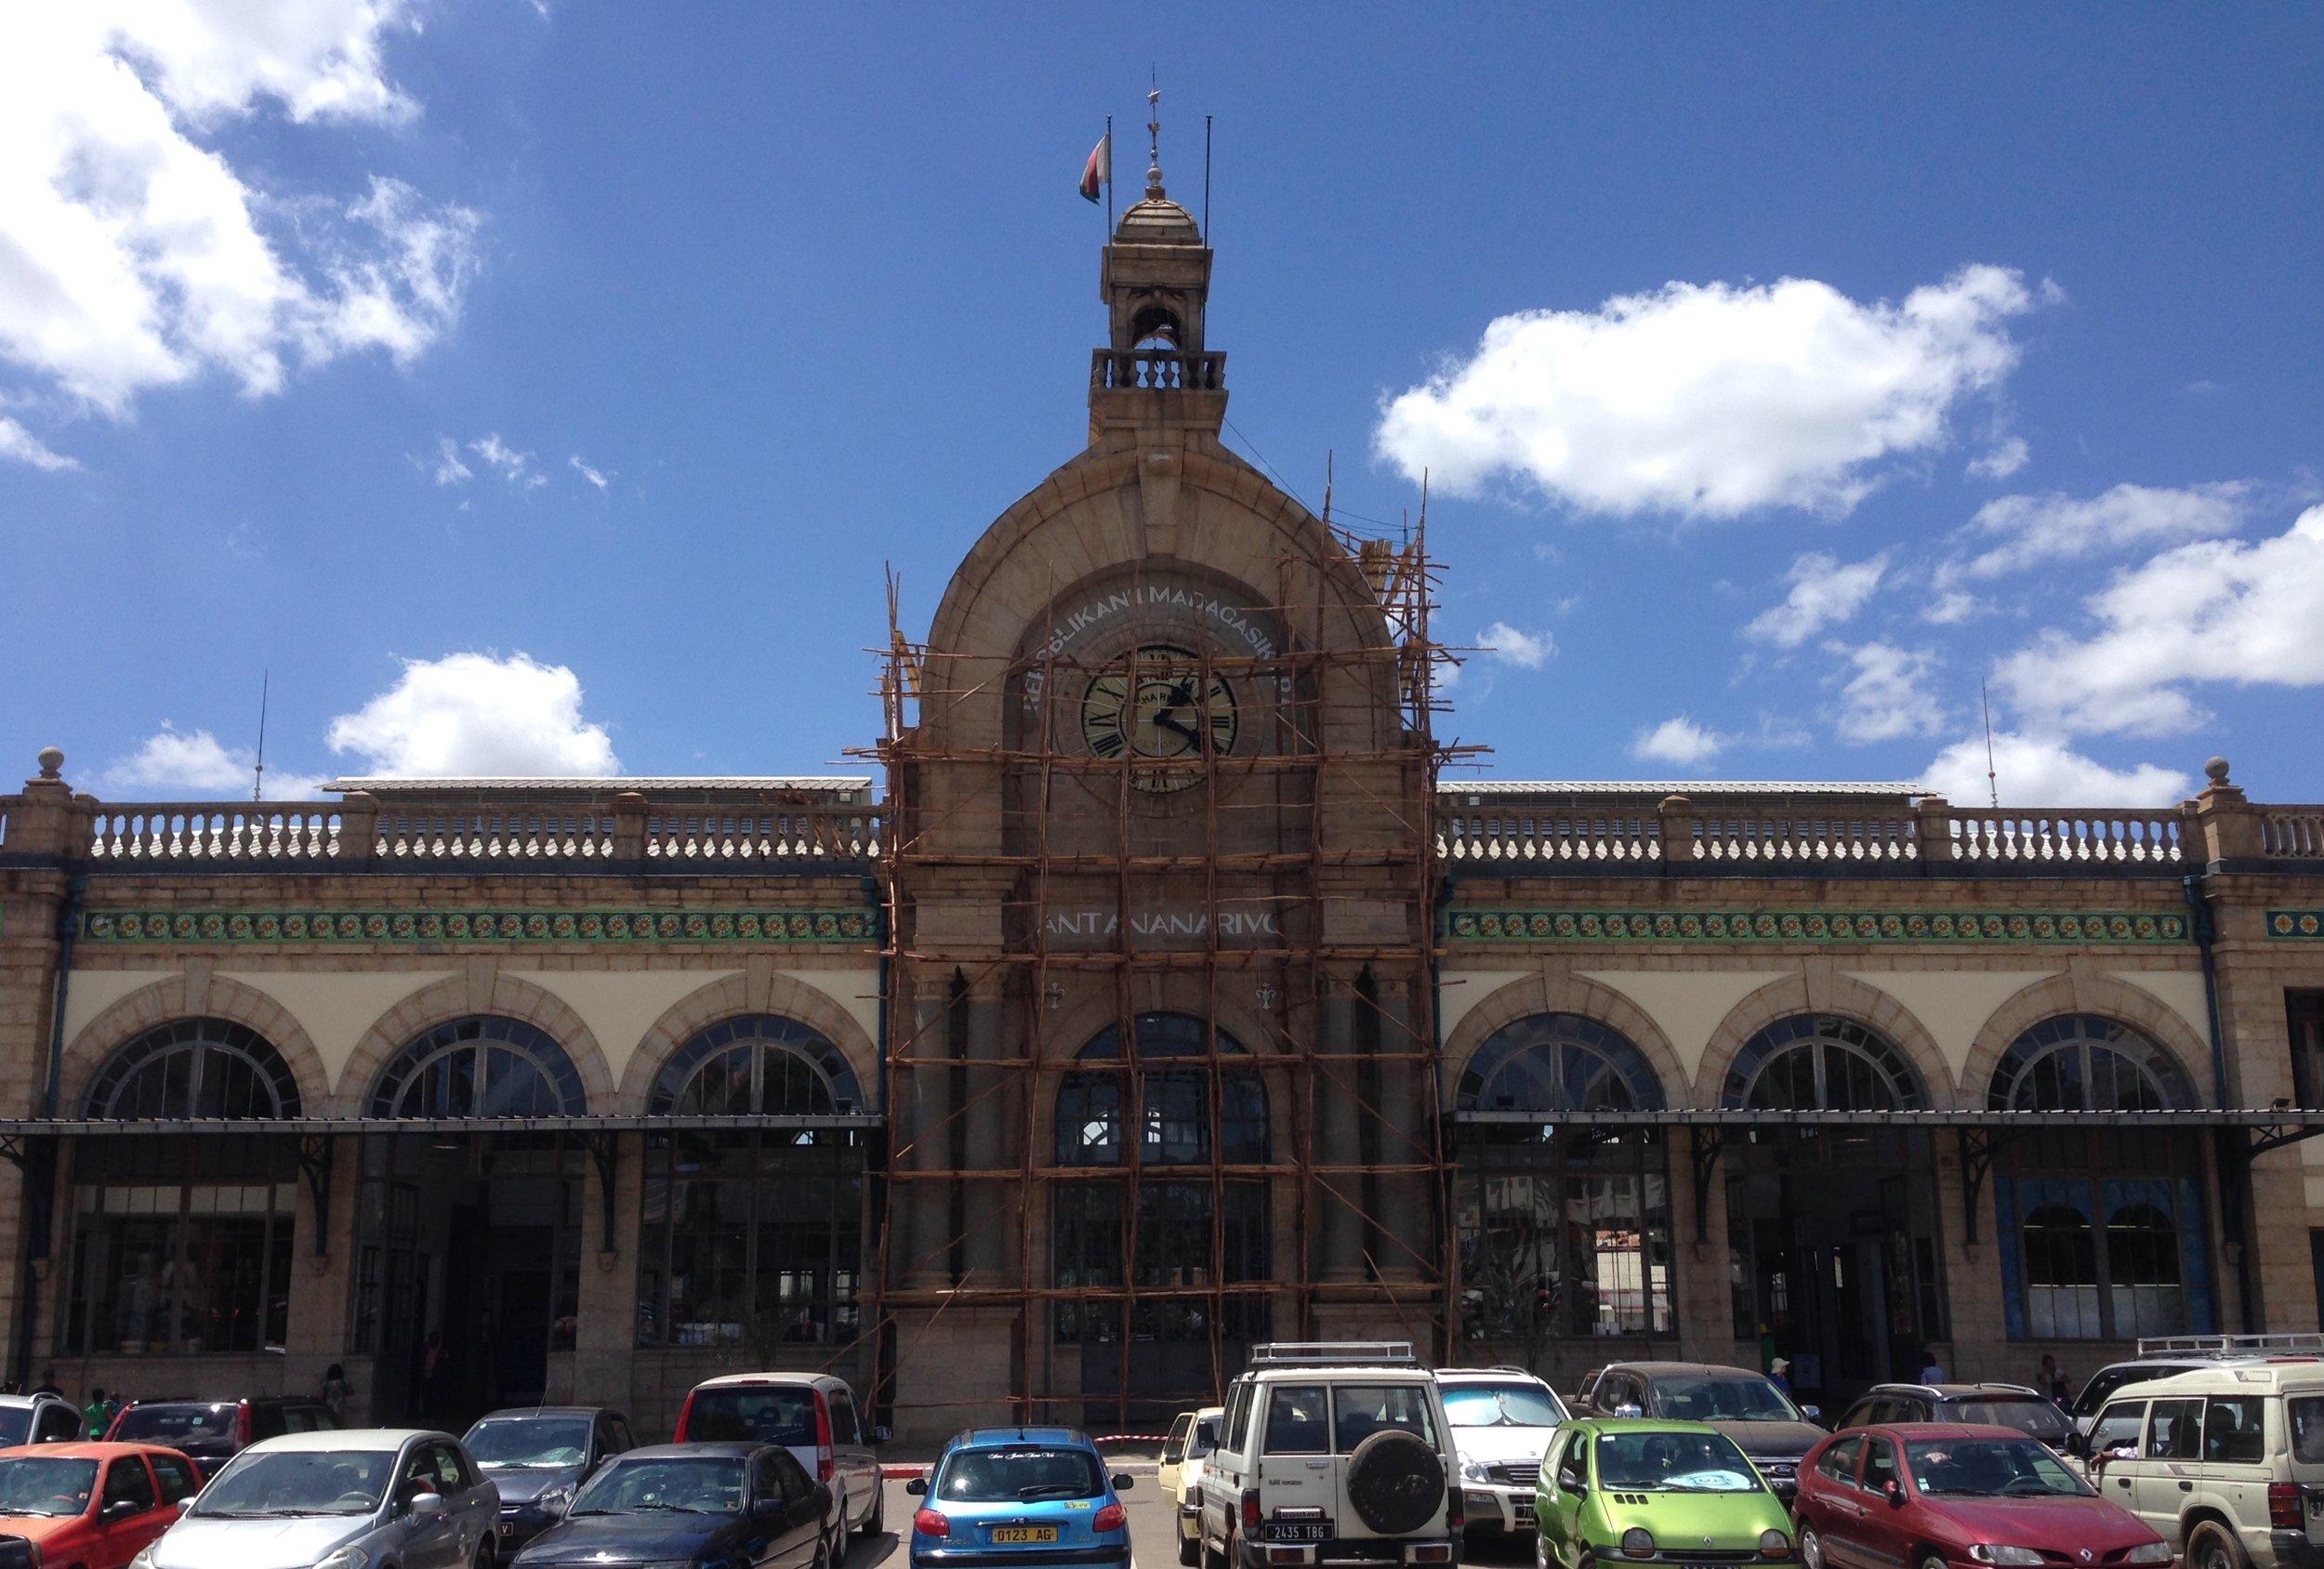 Soarano Train Station